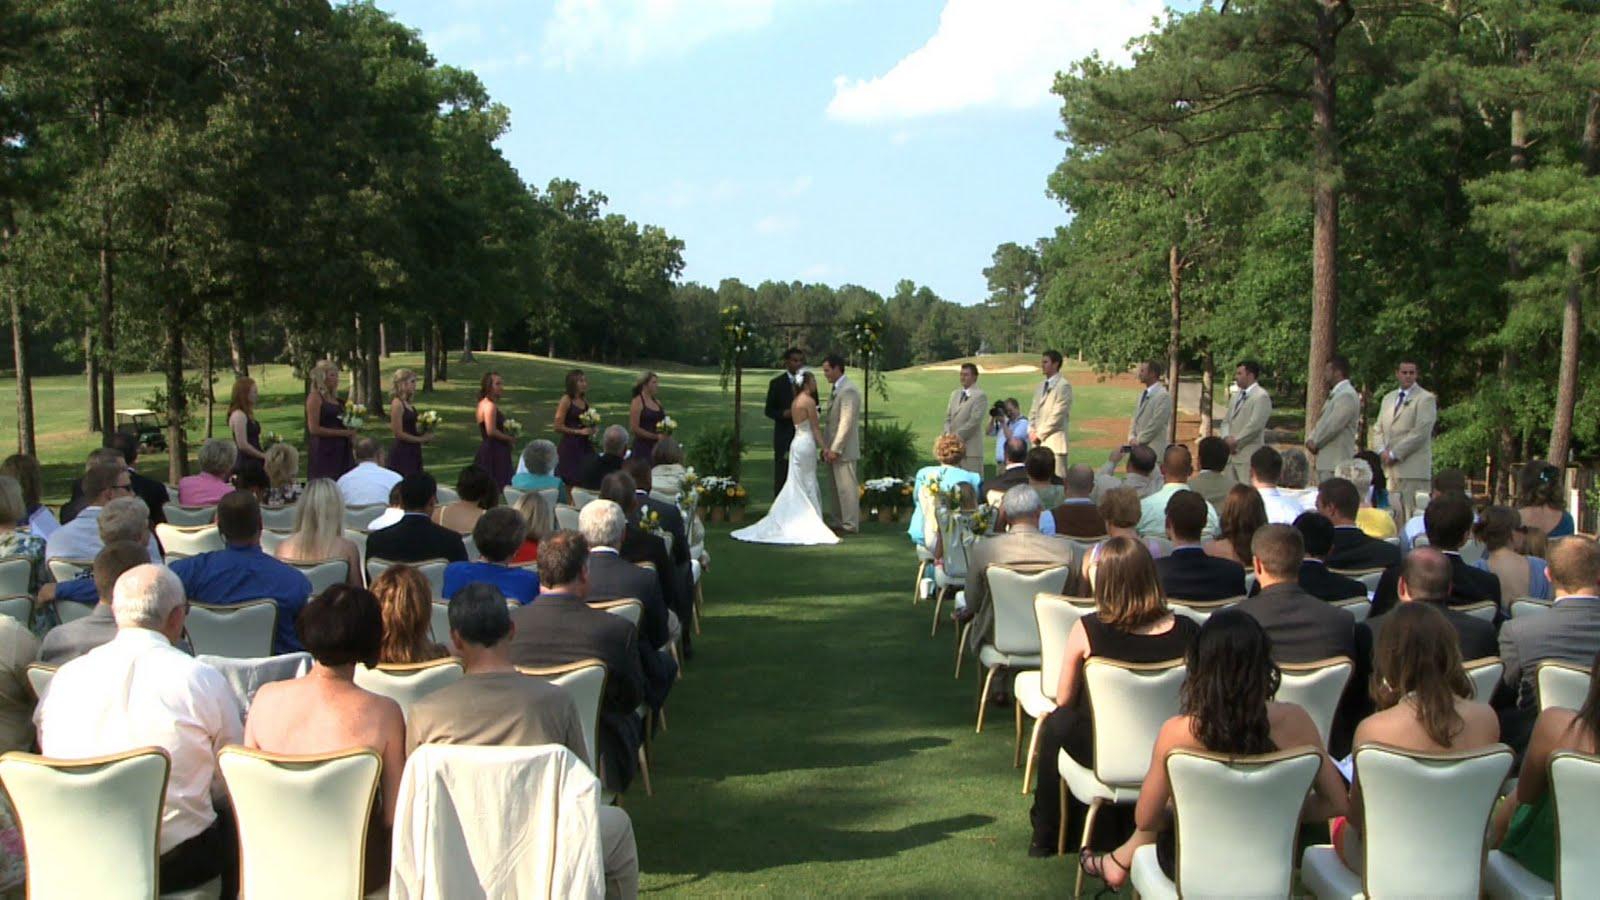 Outdoor Wedding In Chapel Hill